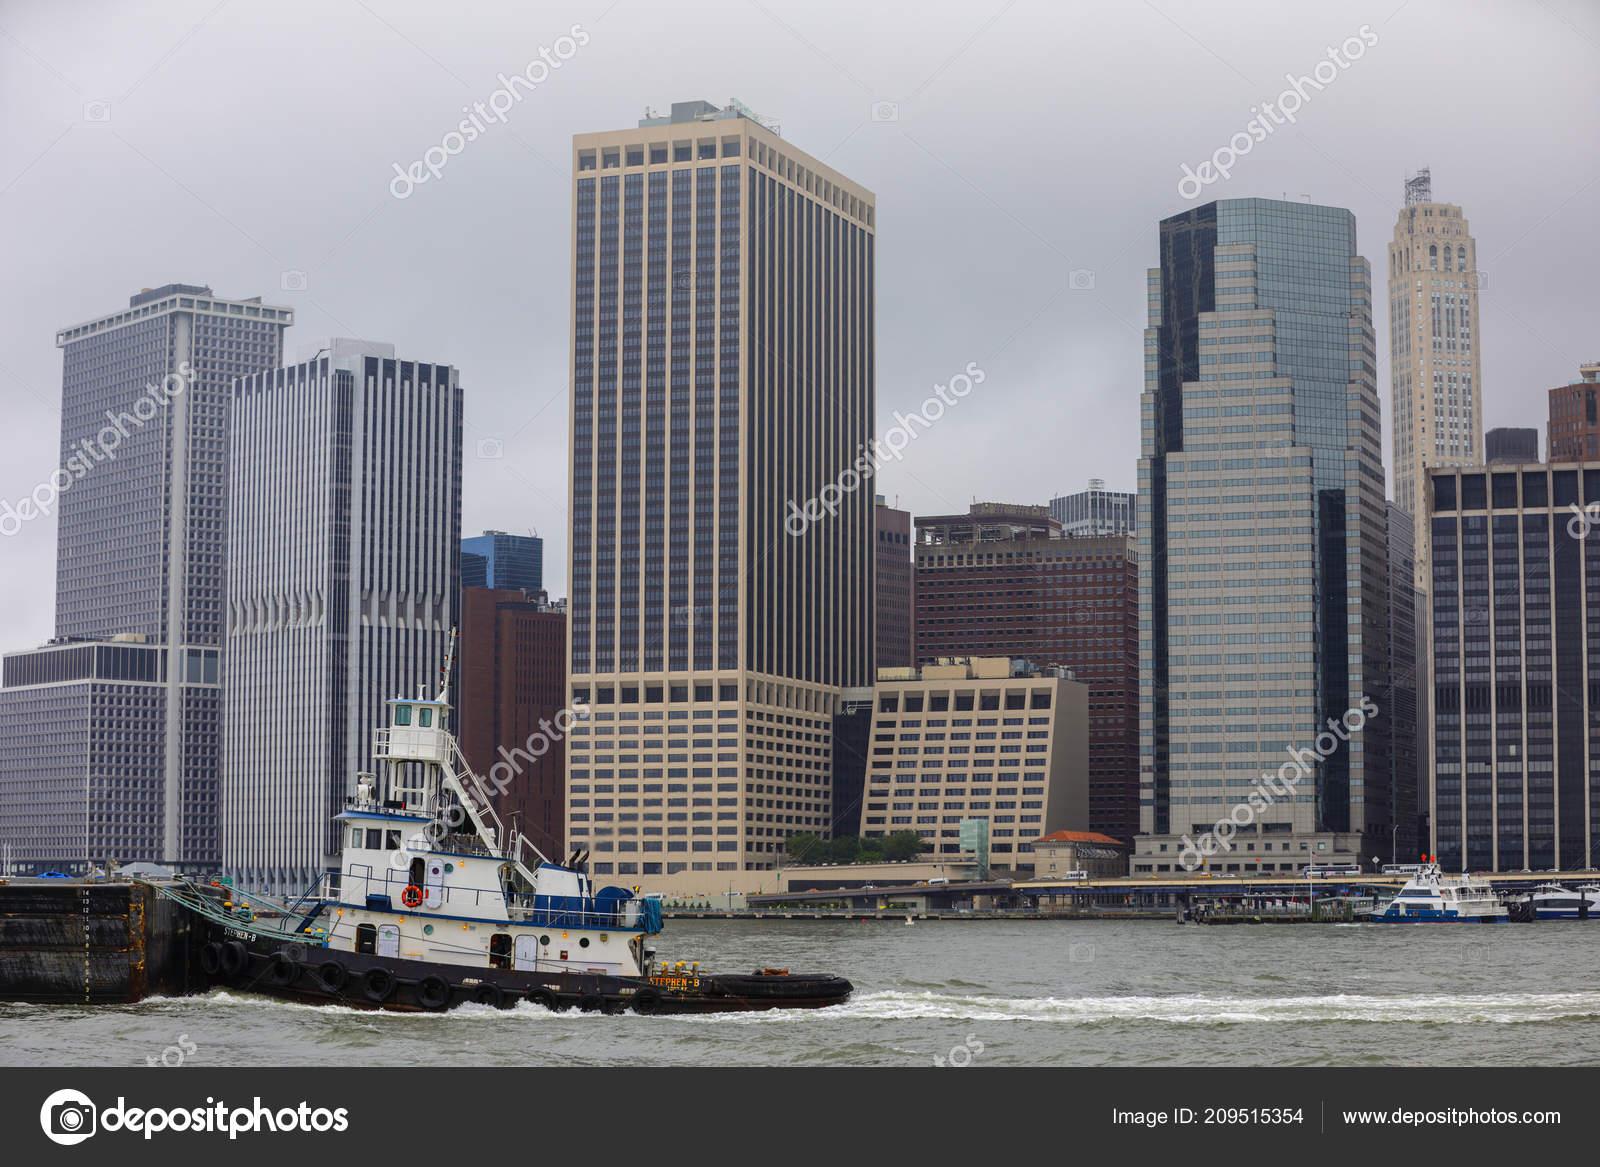 52e2f830568 New York Römorkör Ile Şehir Içinde Arka Plan Görüntü — Stok Foto ...